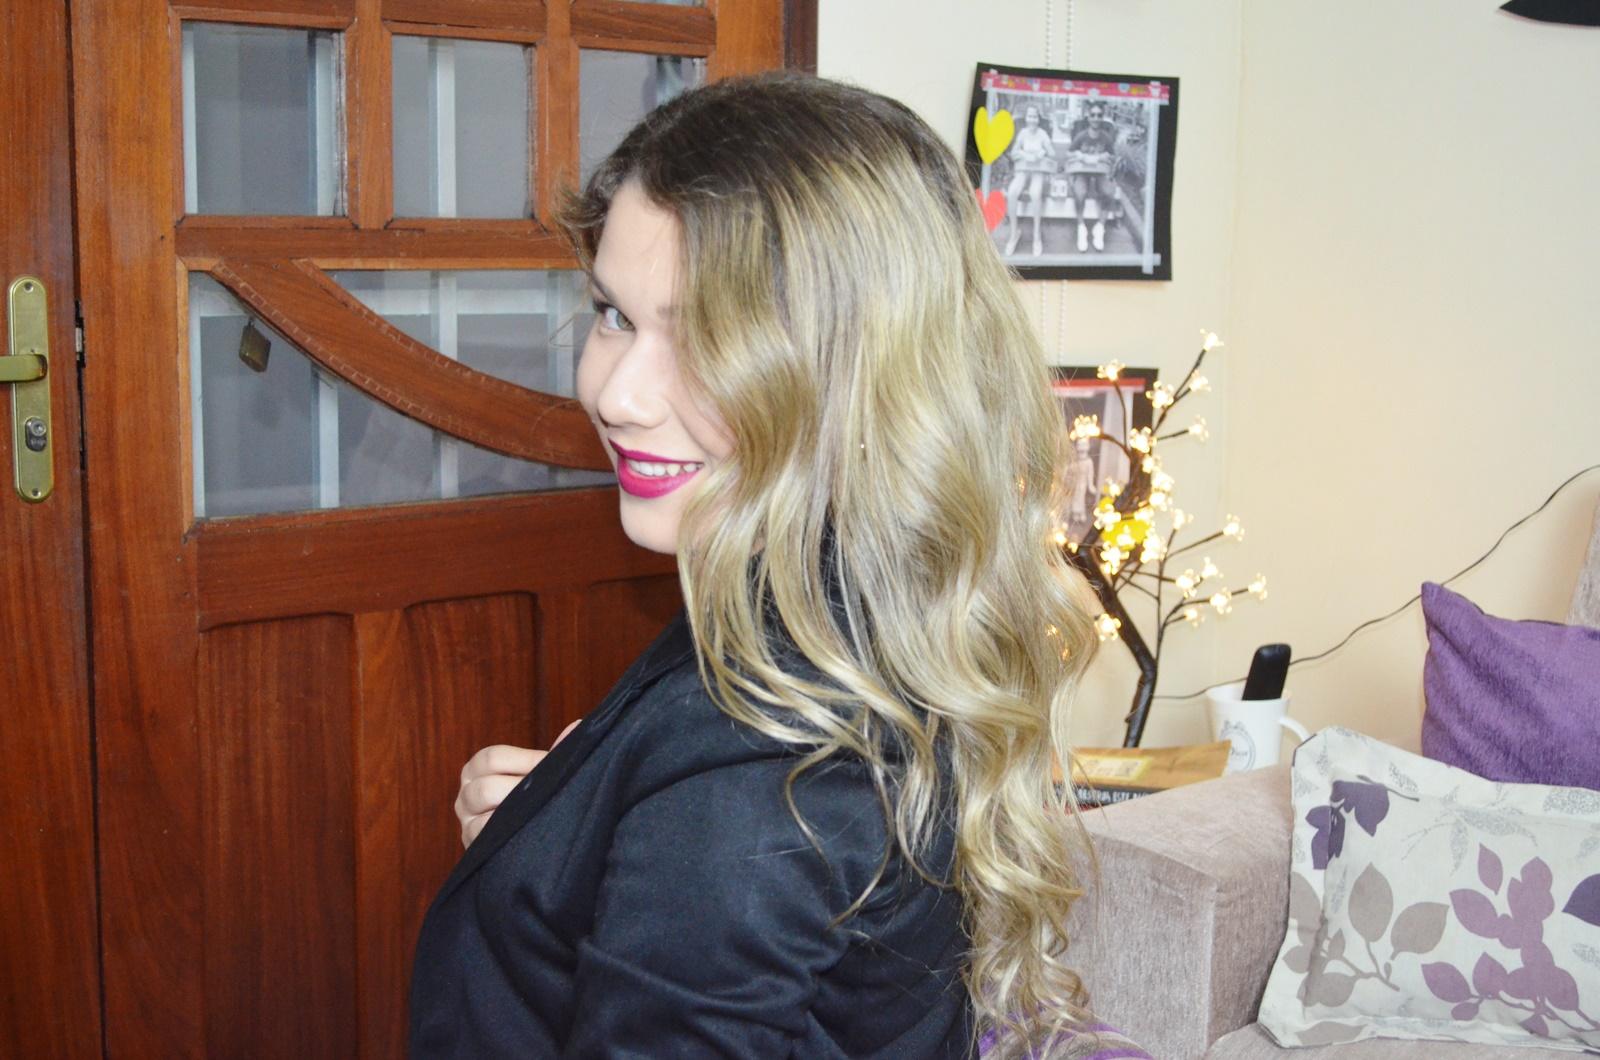 desamarelador gota dourada - resenha blog pink woman 6